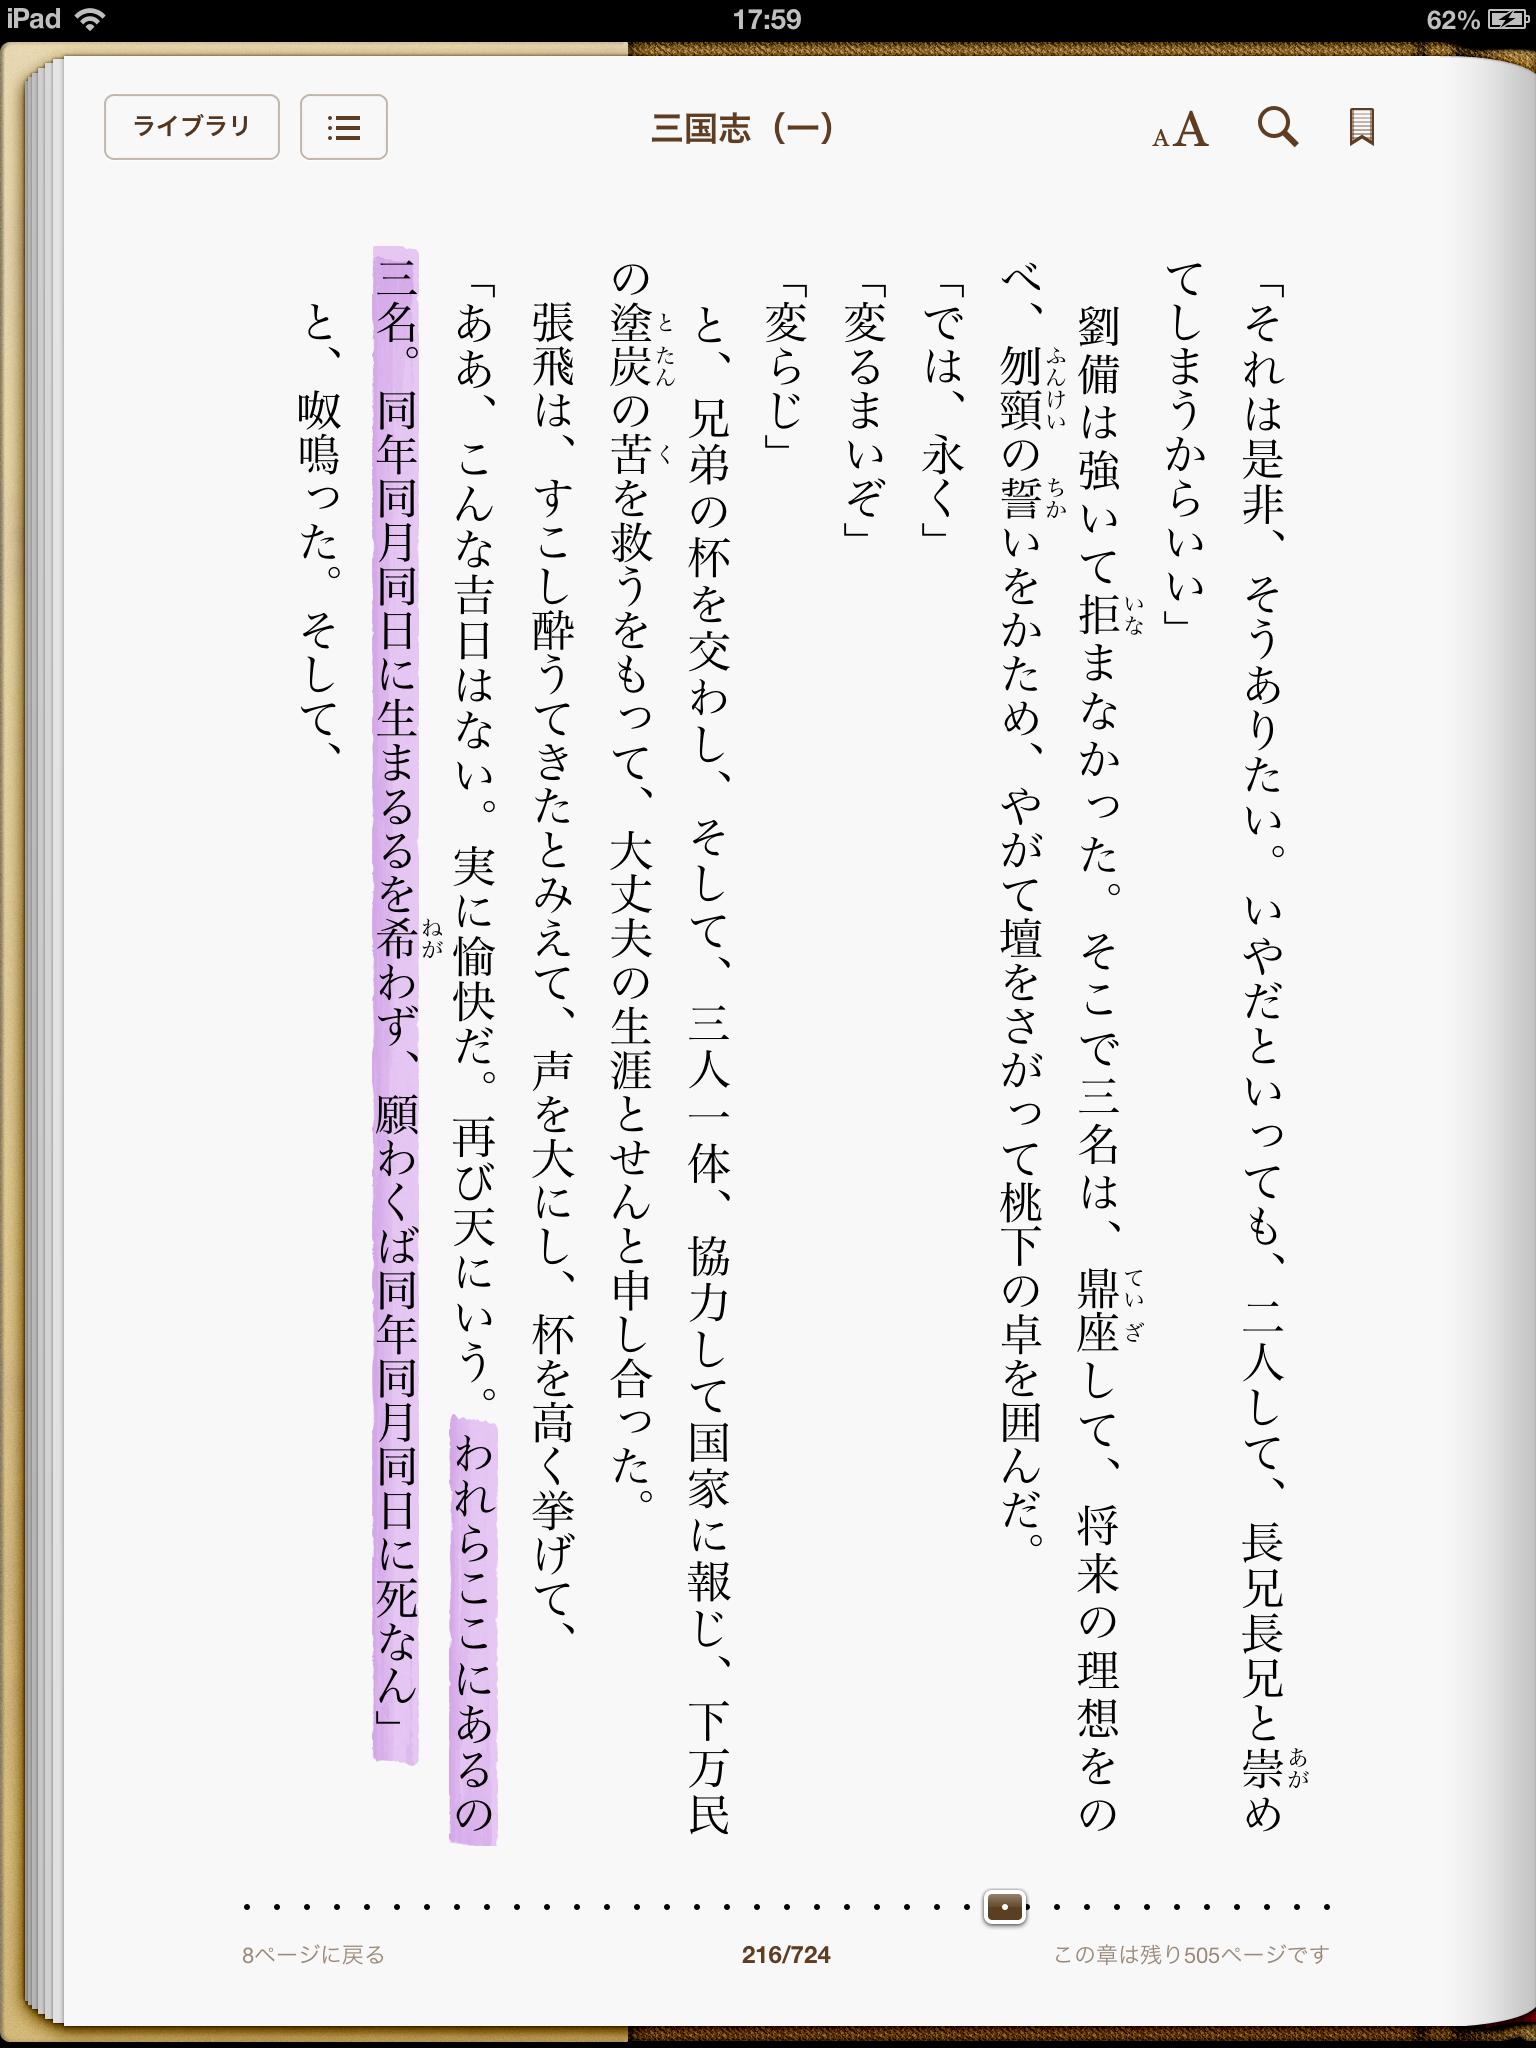 iBooksハイライト機能